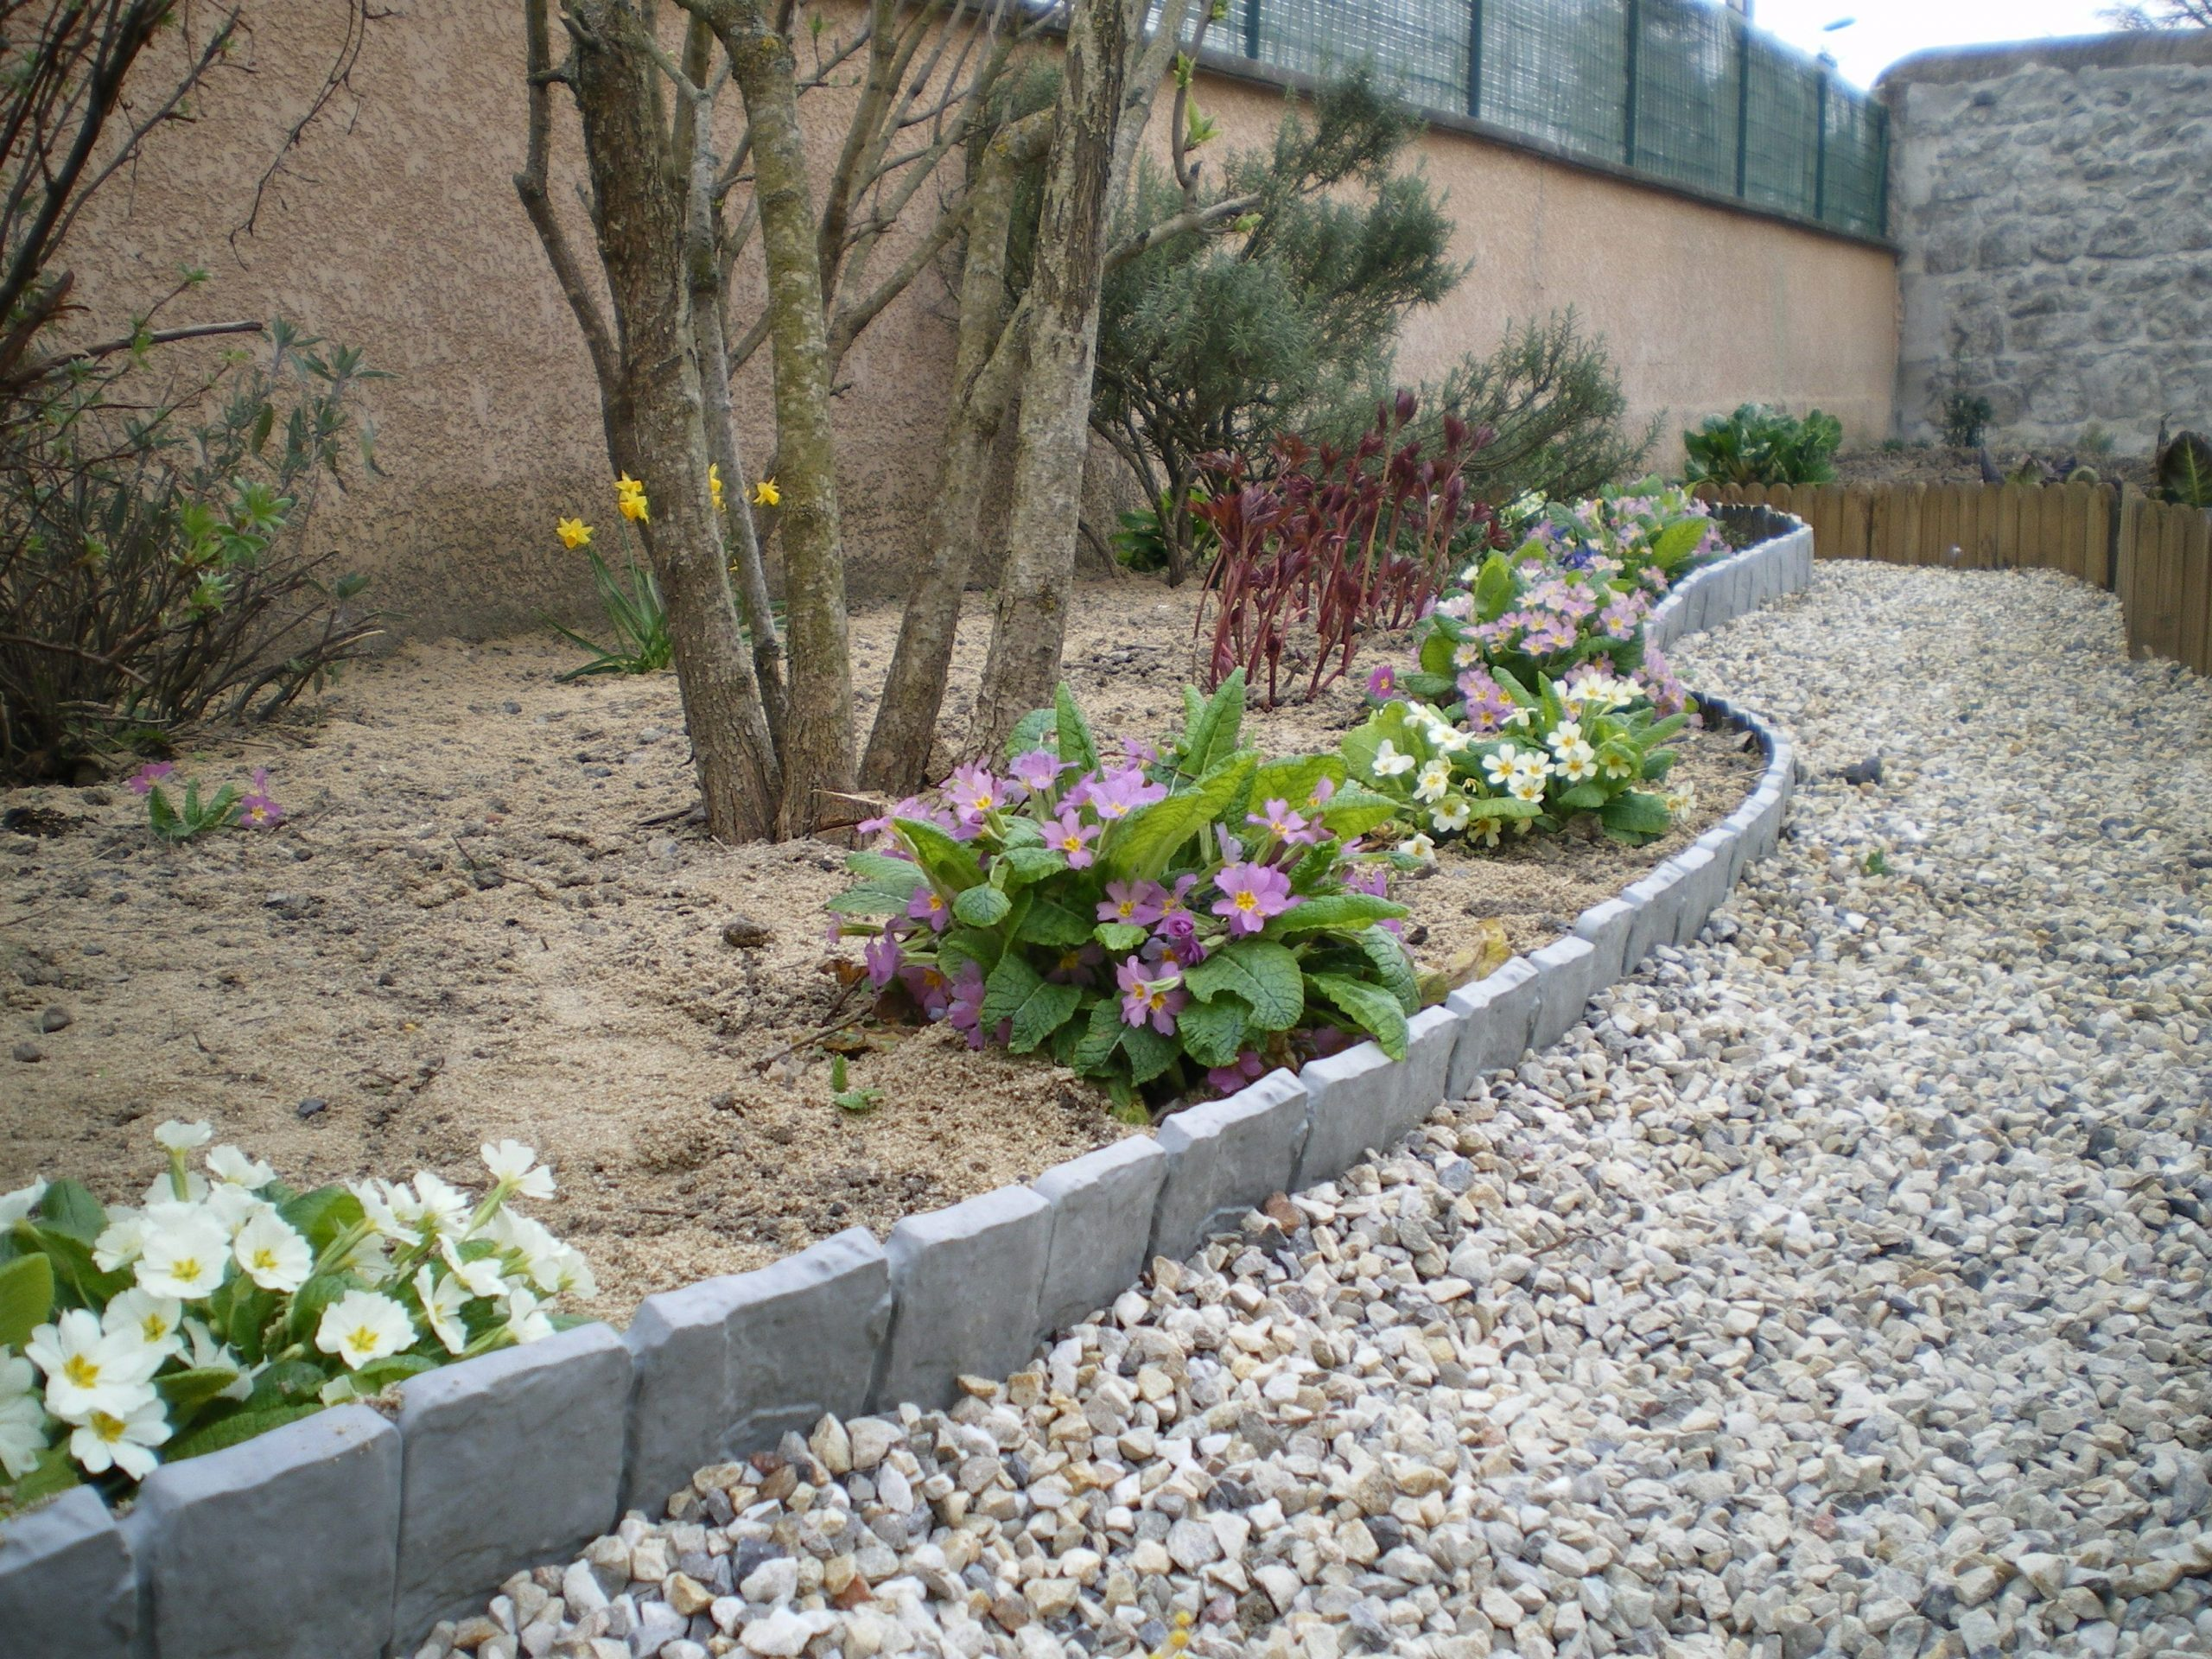 Délimitez Vos Allées De #jardin Avec De Belles Bordurettes ... pour Bordure Jardin Pas Cher